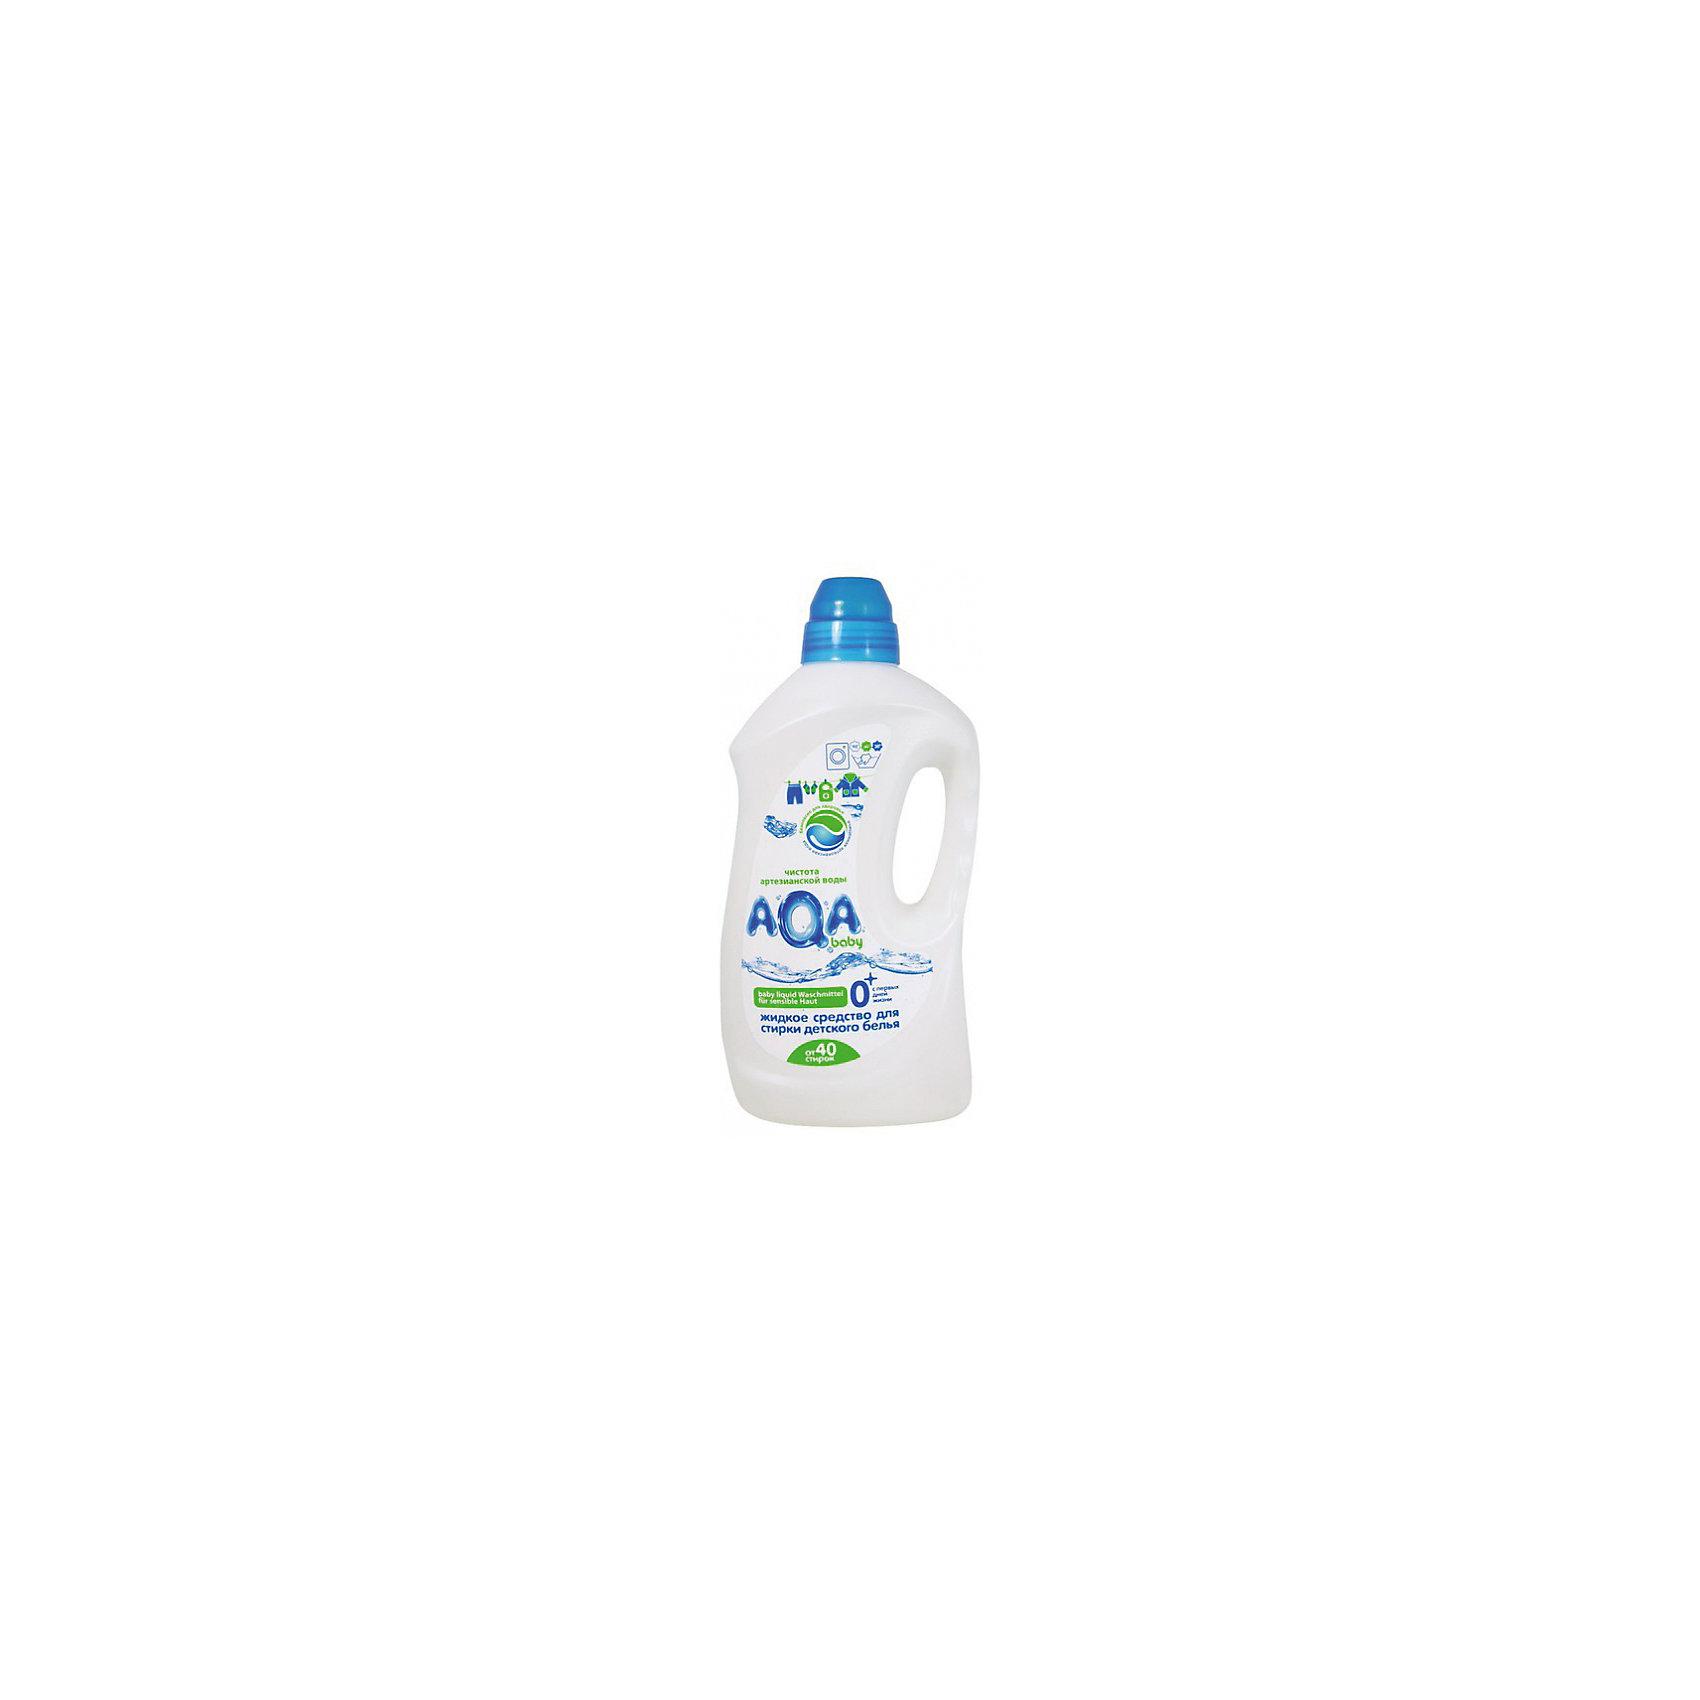 Жидкое средство для стирки детского белья, AQA babyБытовая химия<br>Разработано специально для детского белья - с первых дней жизни<br>Содержит энзимы – высокоэффективные натуральные компоненты, усиливающие отстирывающую способность средства и удаляющие как заметные, так и невидимые загрязнения<br>Не содержит фосфатов, хлора, «плохих» консервантов и красителей и других химических агрессивных компонентов<br>Сбалансированный рН продукта – не снижает отстирывающую способность, но и не портит кожу рук<br>Быстро и без остатков вымывается в процессе полоскания<br>Для всех типов стиральных машин и ручной стирки при температуре от 30C° до 90C°<br>Колпачок с двойным дном выполняет роль мерного стаканчика и сохраняет упаковку гигиеничной. <br>Объем: 1,5 литра<br><br>Ширина мм: 280<br>Глубина мм: 500<br>Высота мм: 125<br>Вес г: 640<br>Возраст от месяцев: 0<br>Возраст до месяцев: 36<br>Пол: Унисекс<br>Возраст: Детский<br>SKU: 4729818